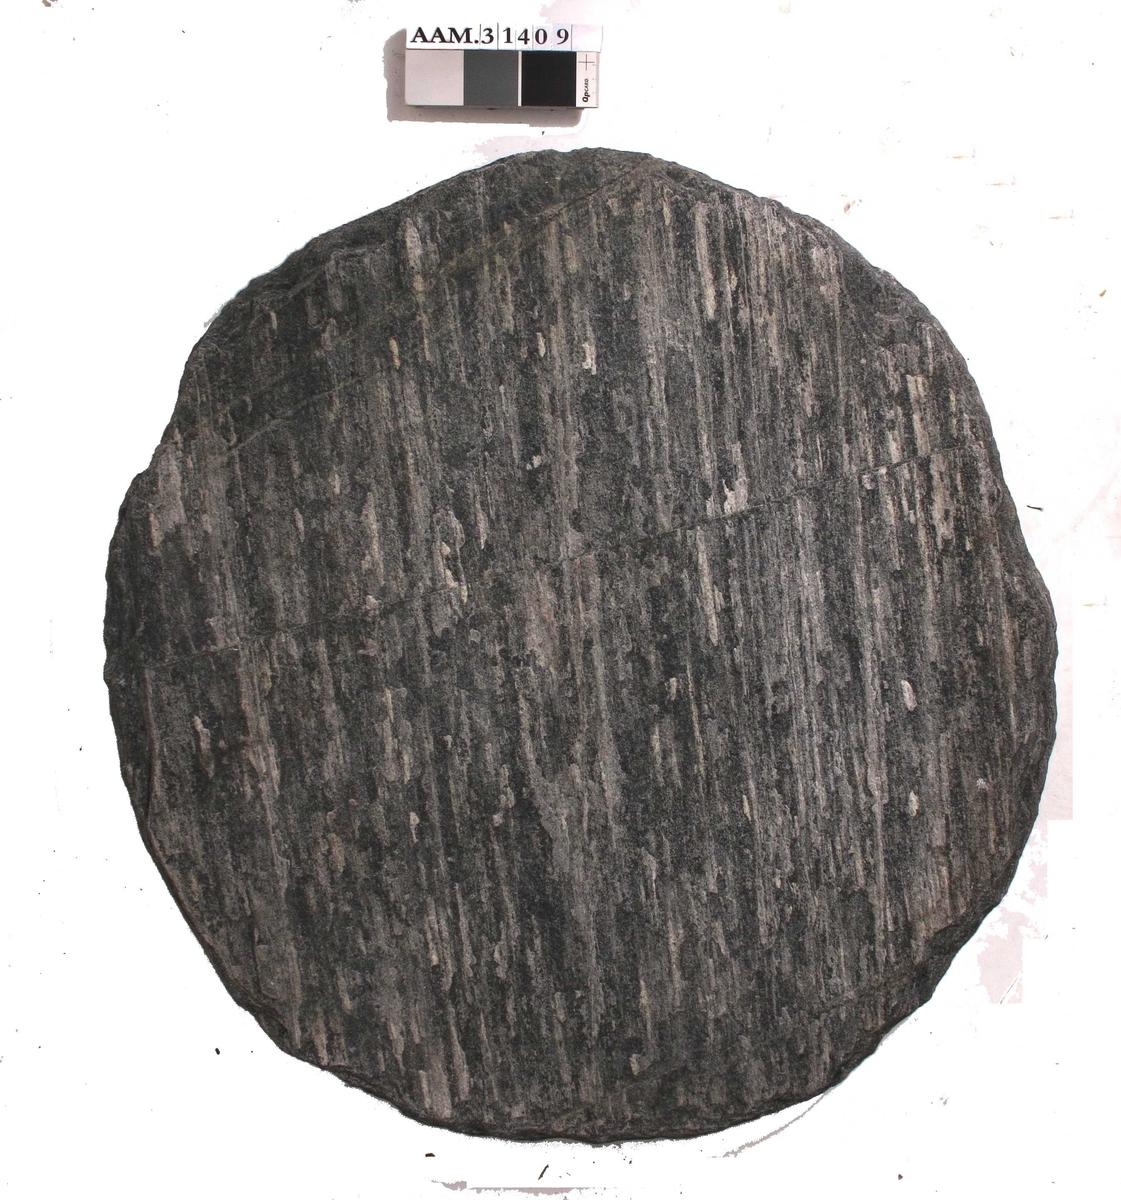 Oval helle, av grålig gneis, fint tilhuget rundt hele kanten.  Hella er så godt som flat (antydning til konveks på en side og konkav på den andre), og i svært god stand.